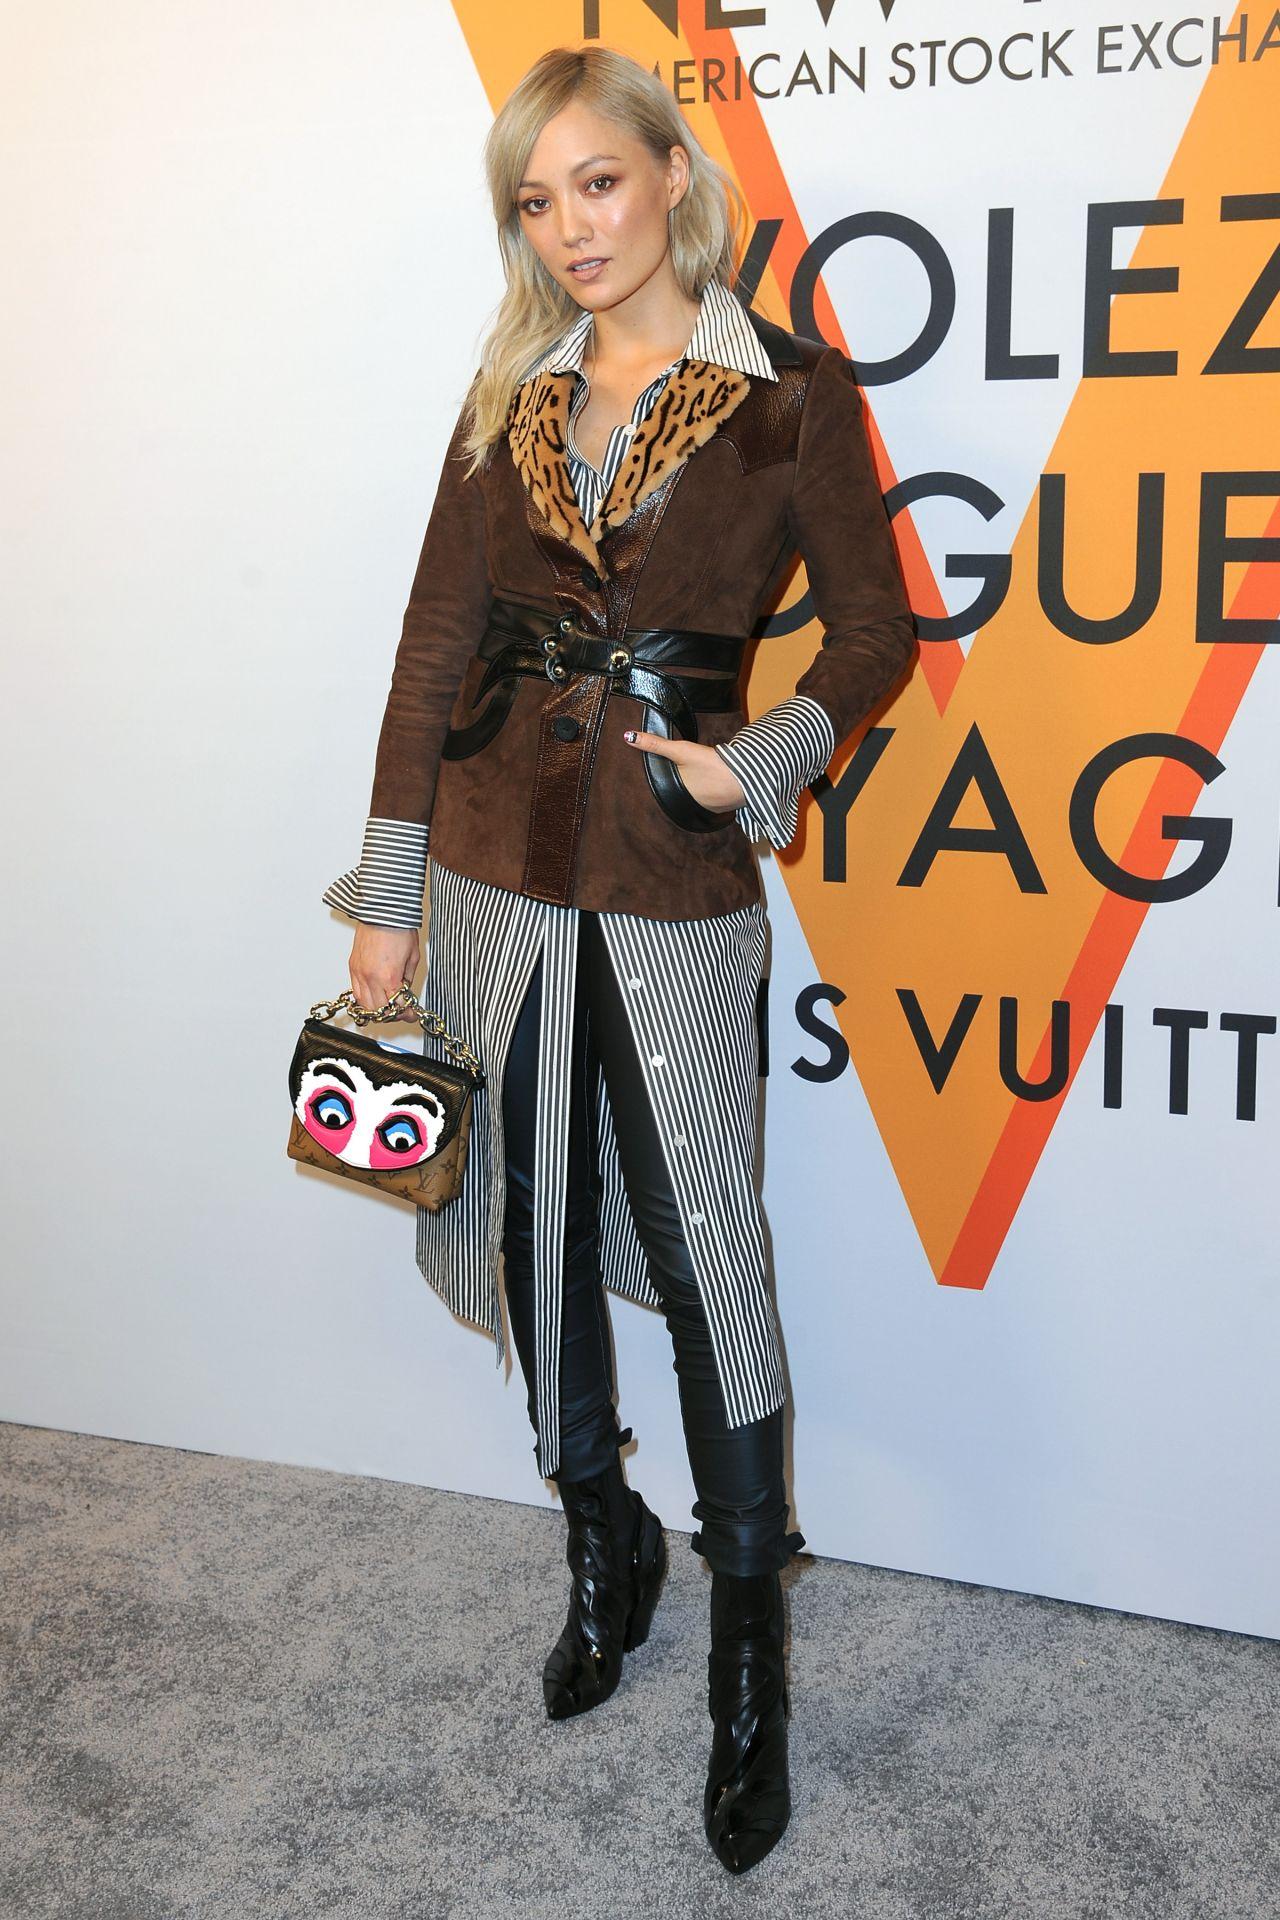 Pom Klementieff – Volez, Voguez, Voyagez: Louis Vuitton Exhibition Opening in NYC